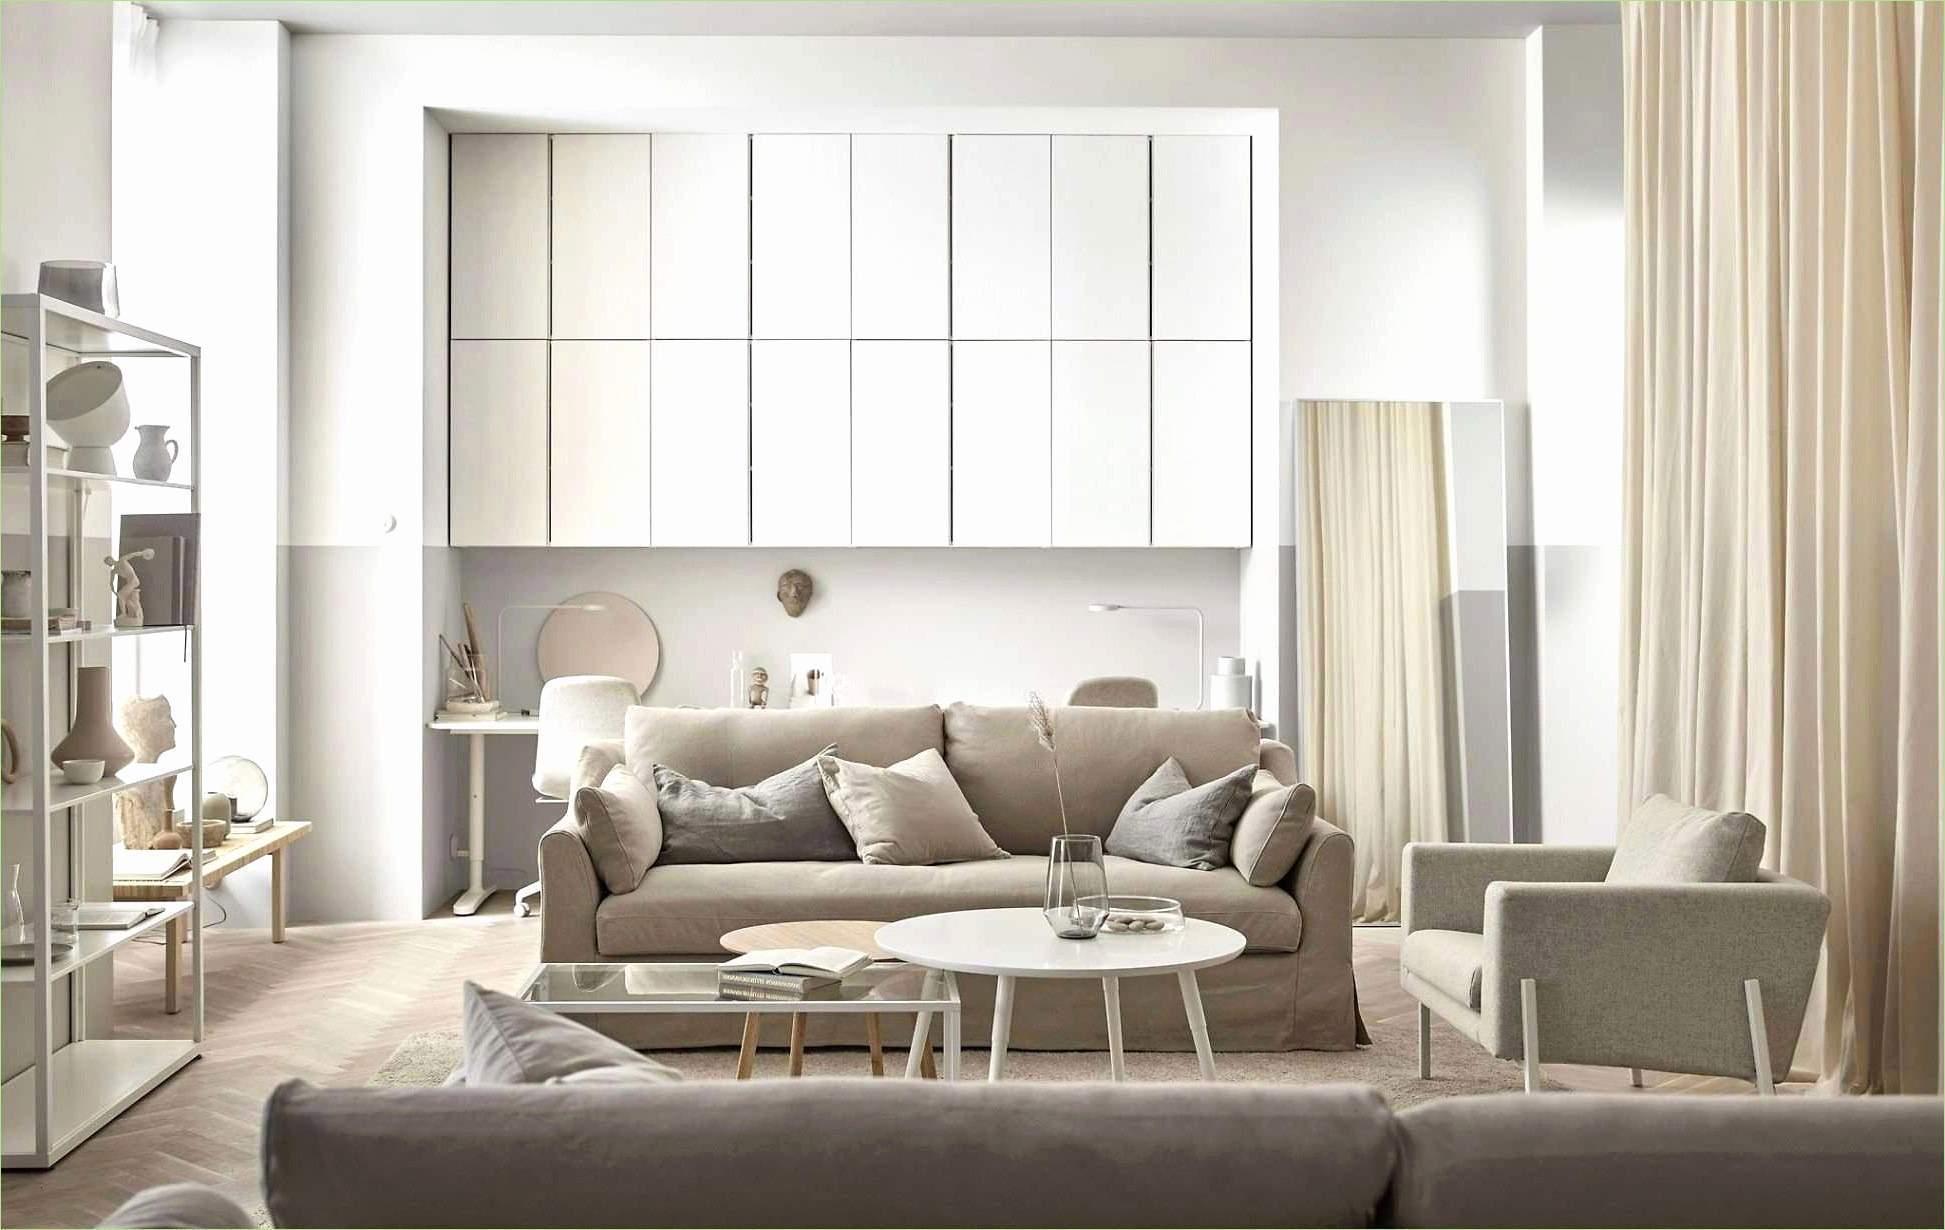 wohnzimmer boden schon deko ideen boden schon pvc boden ideen bad dekoideen of wohnzimmer boden